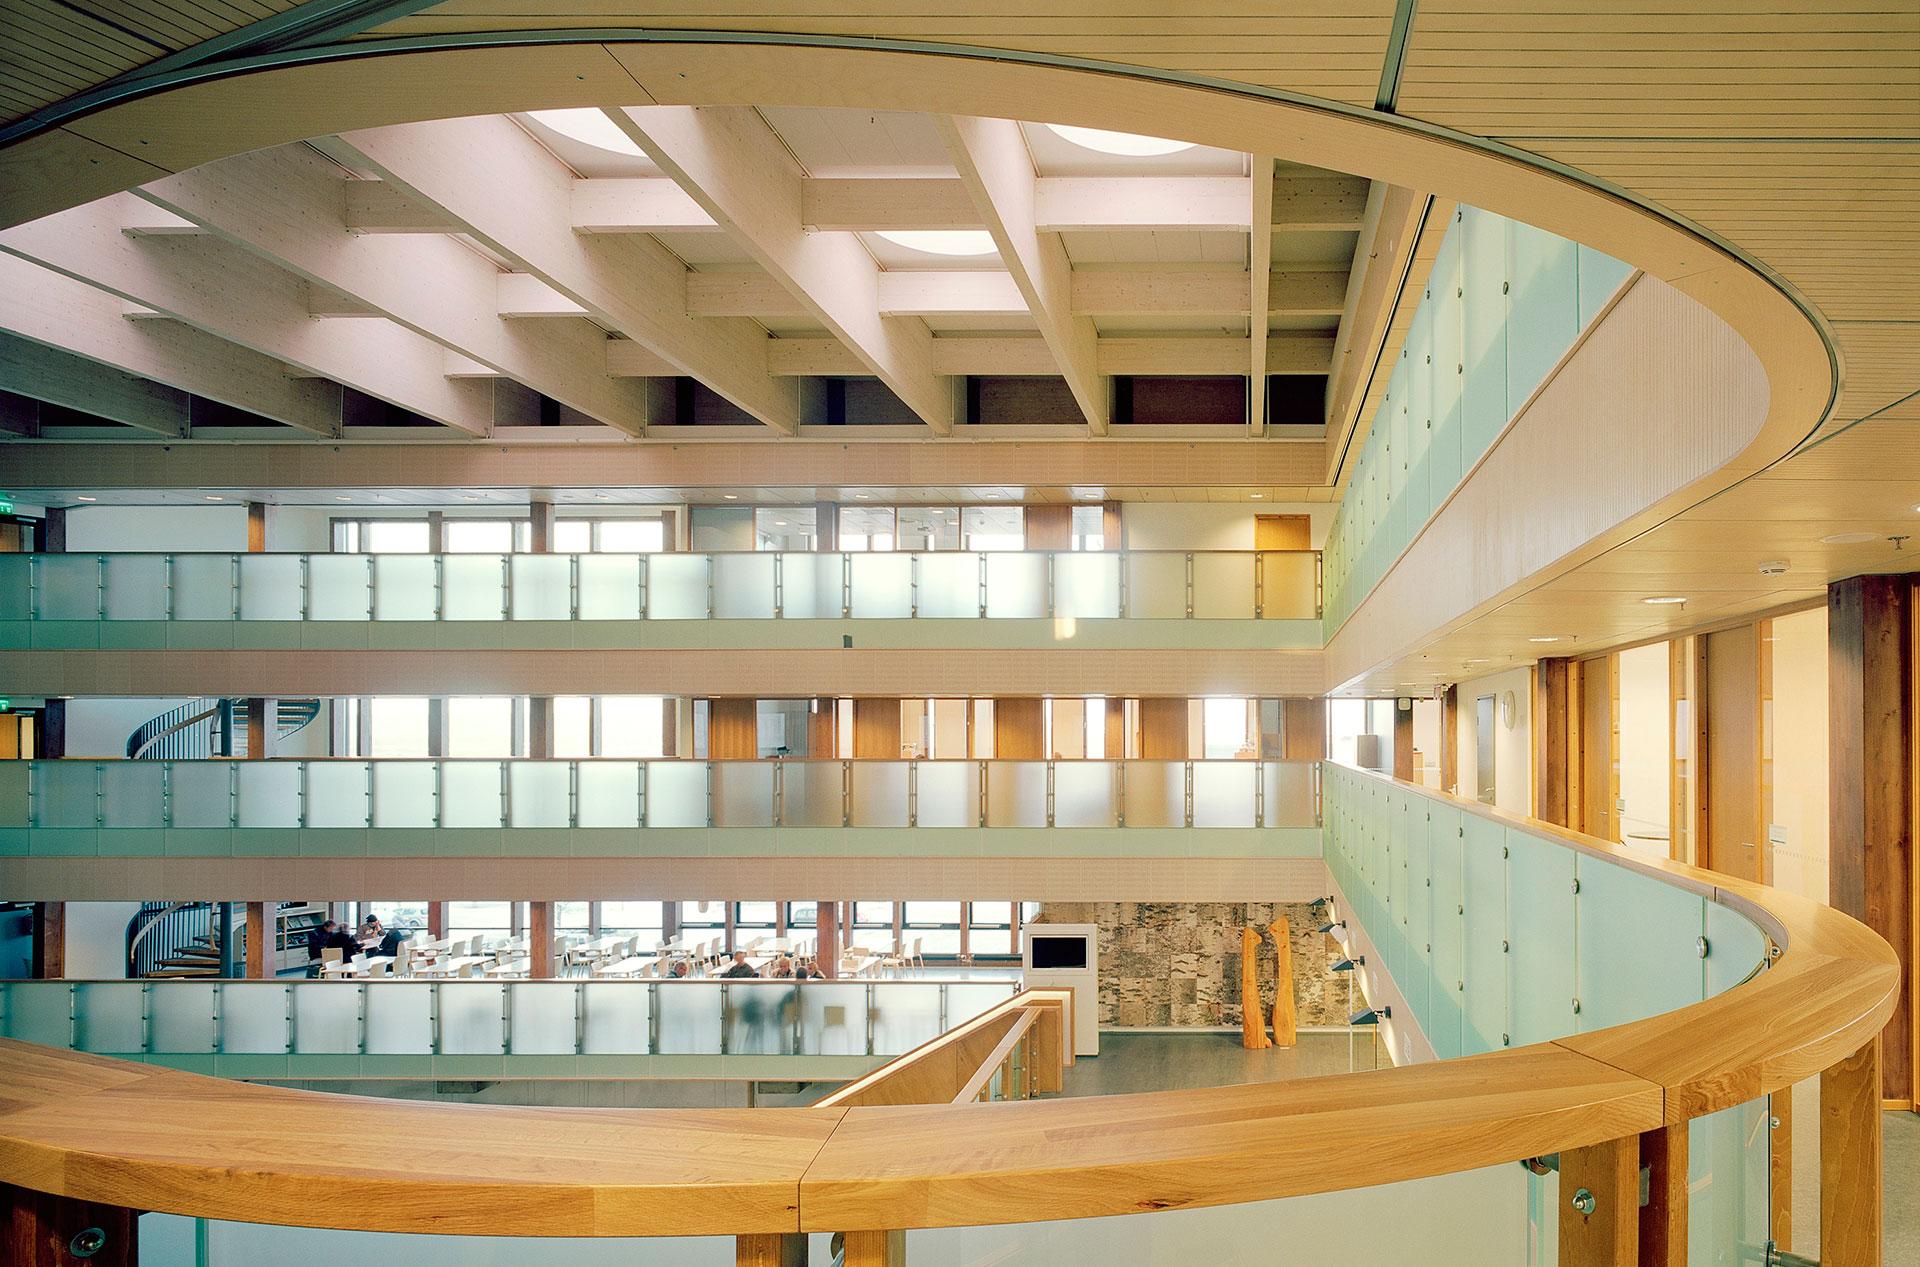 Architetti Famosi Antichi alvar aalto e l'architettura di rovaniemi - visit rovaniemi